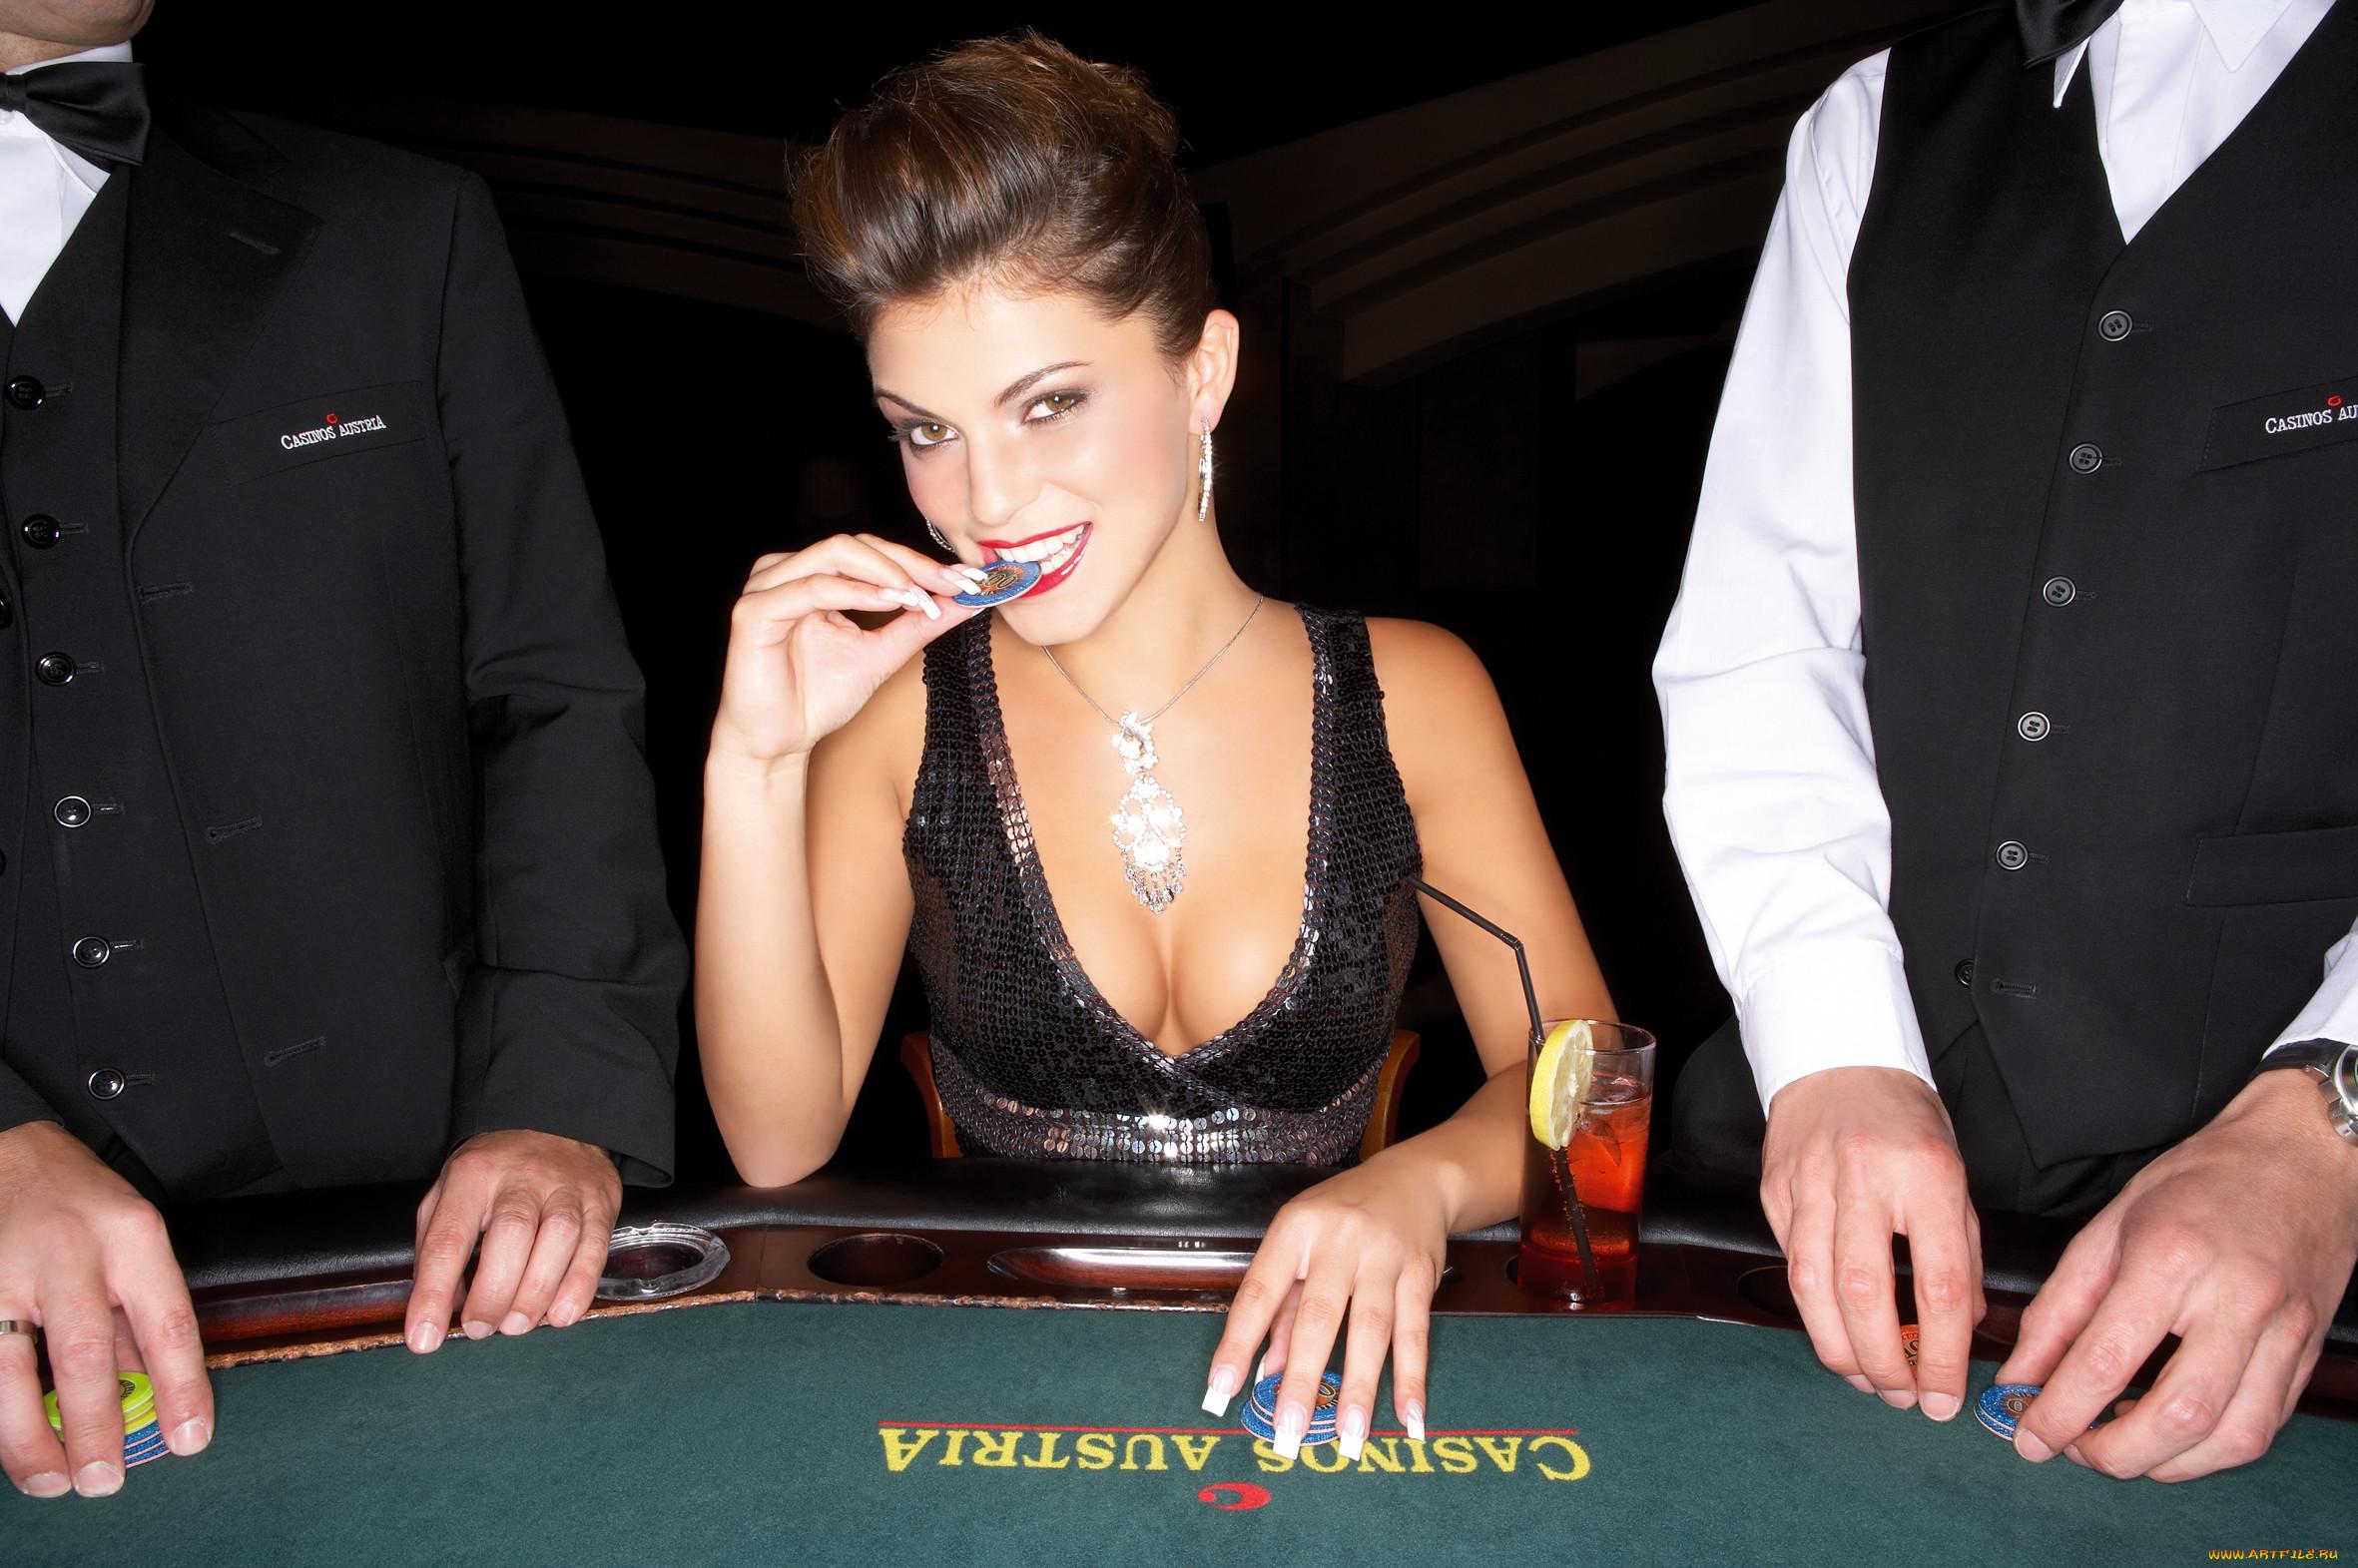 Фото девушки в казино 11 фотография